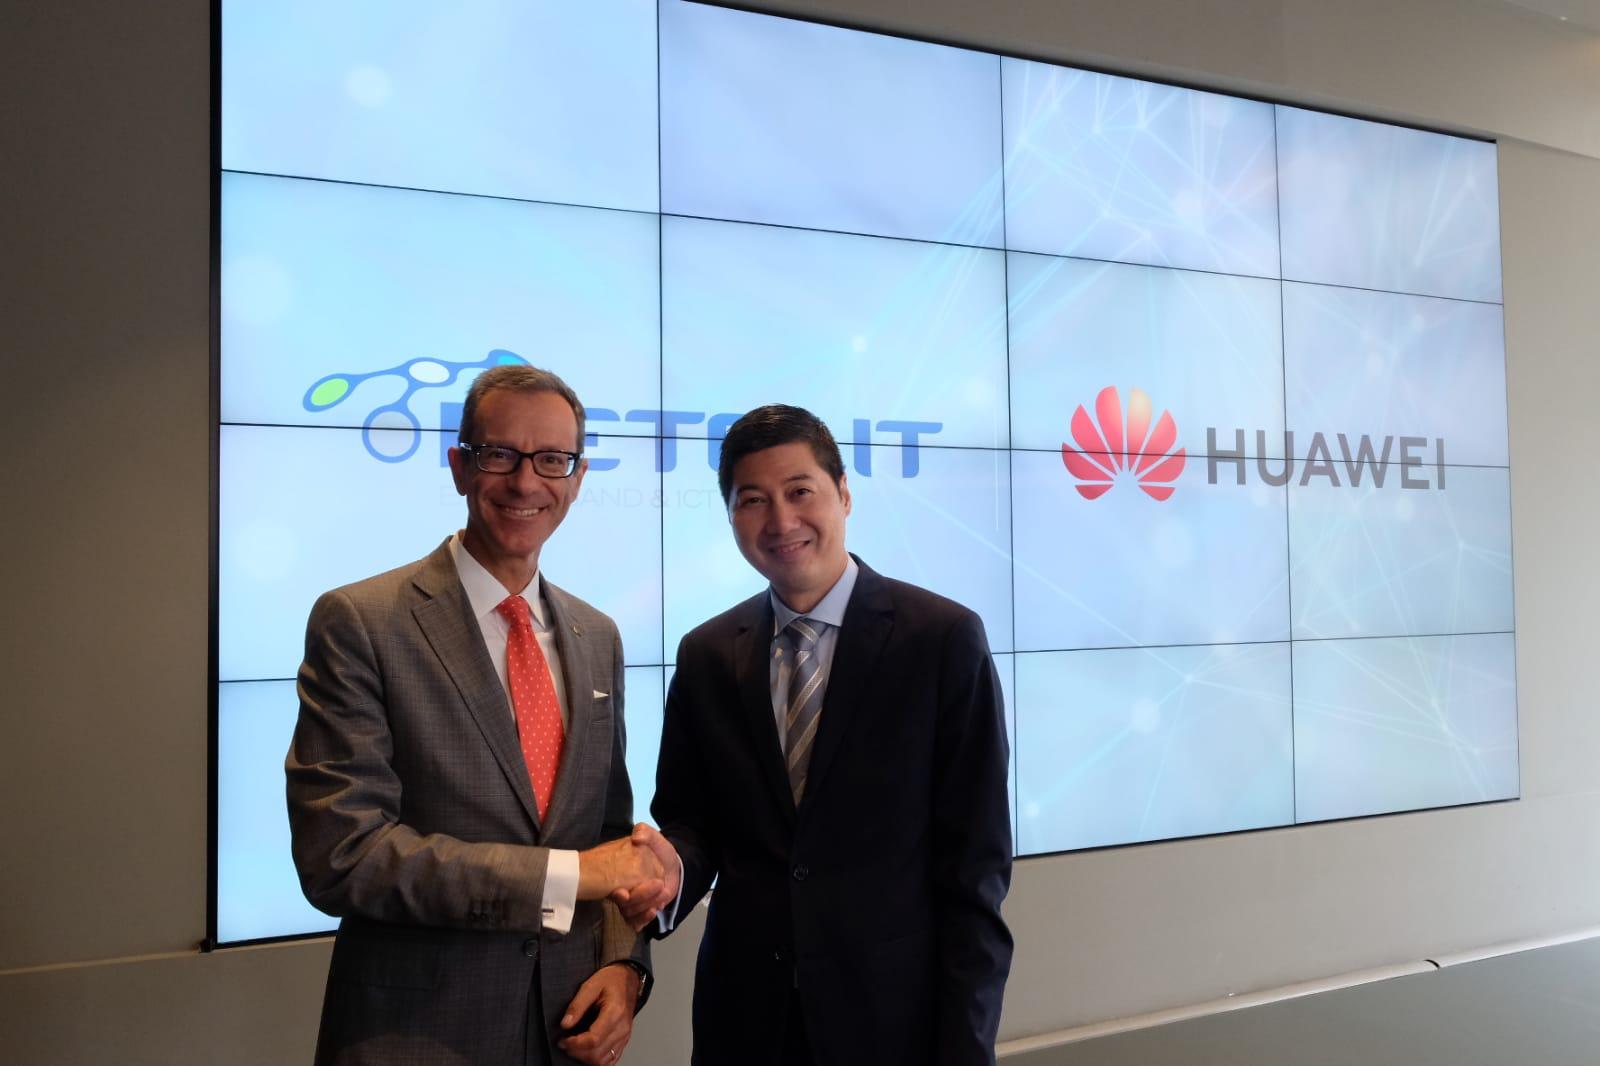 Retelit e Huawei insieme per supportare le aziende nella digital transformation